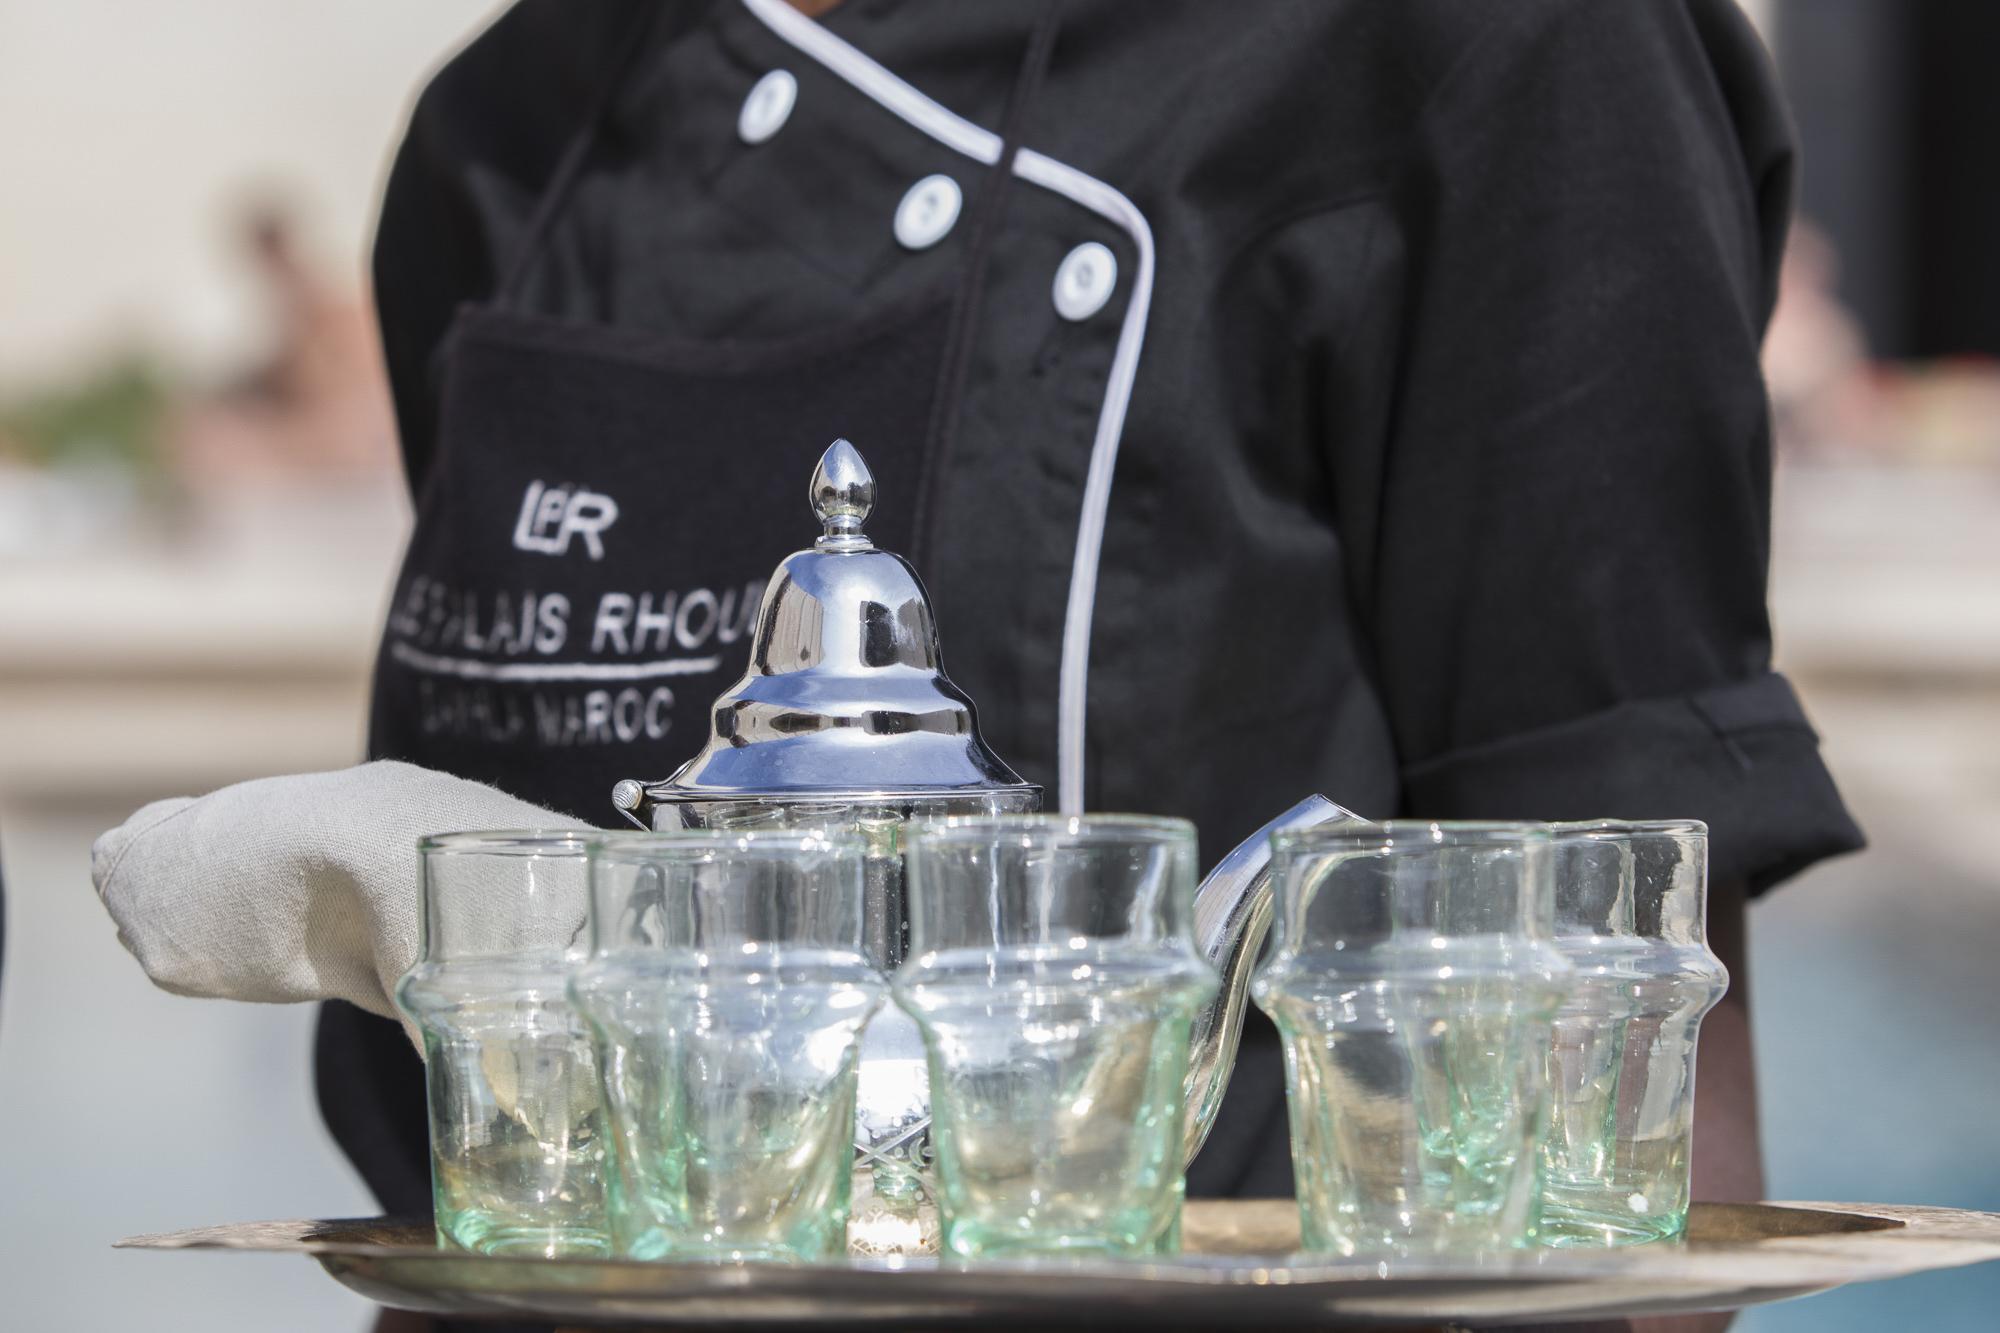 Le Palais Rhoul Dakhla | hotel spa | thé à la menthe